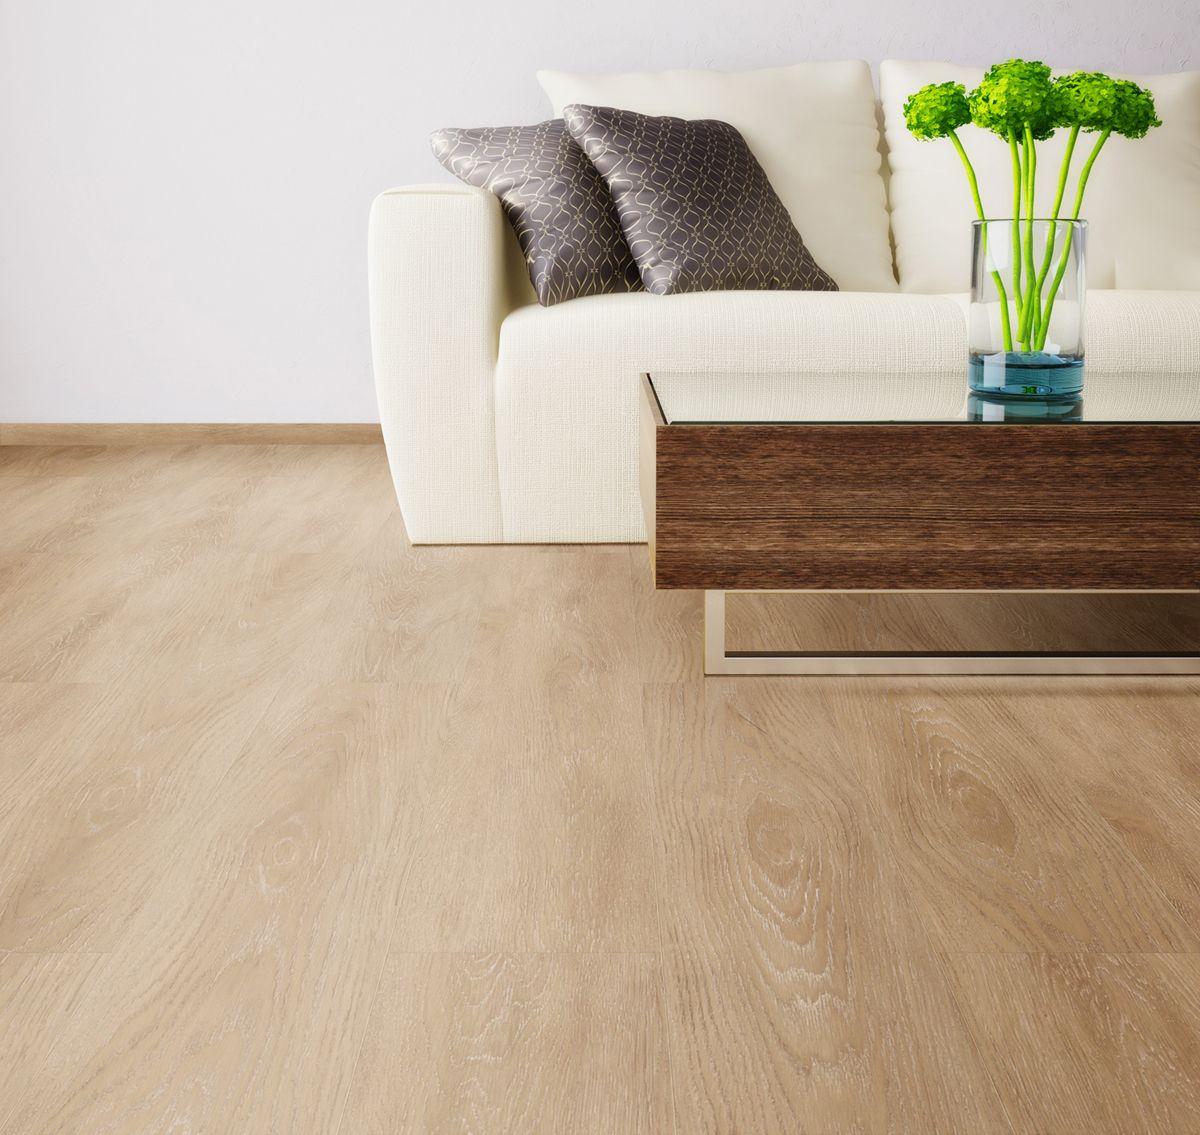 Style floor wood vinylboden desert oak vinylboden for Parkettboden fliesenoptik